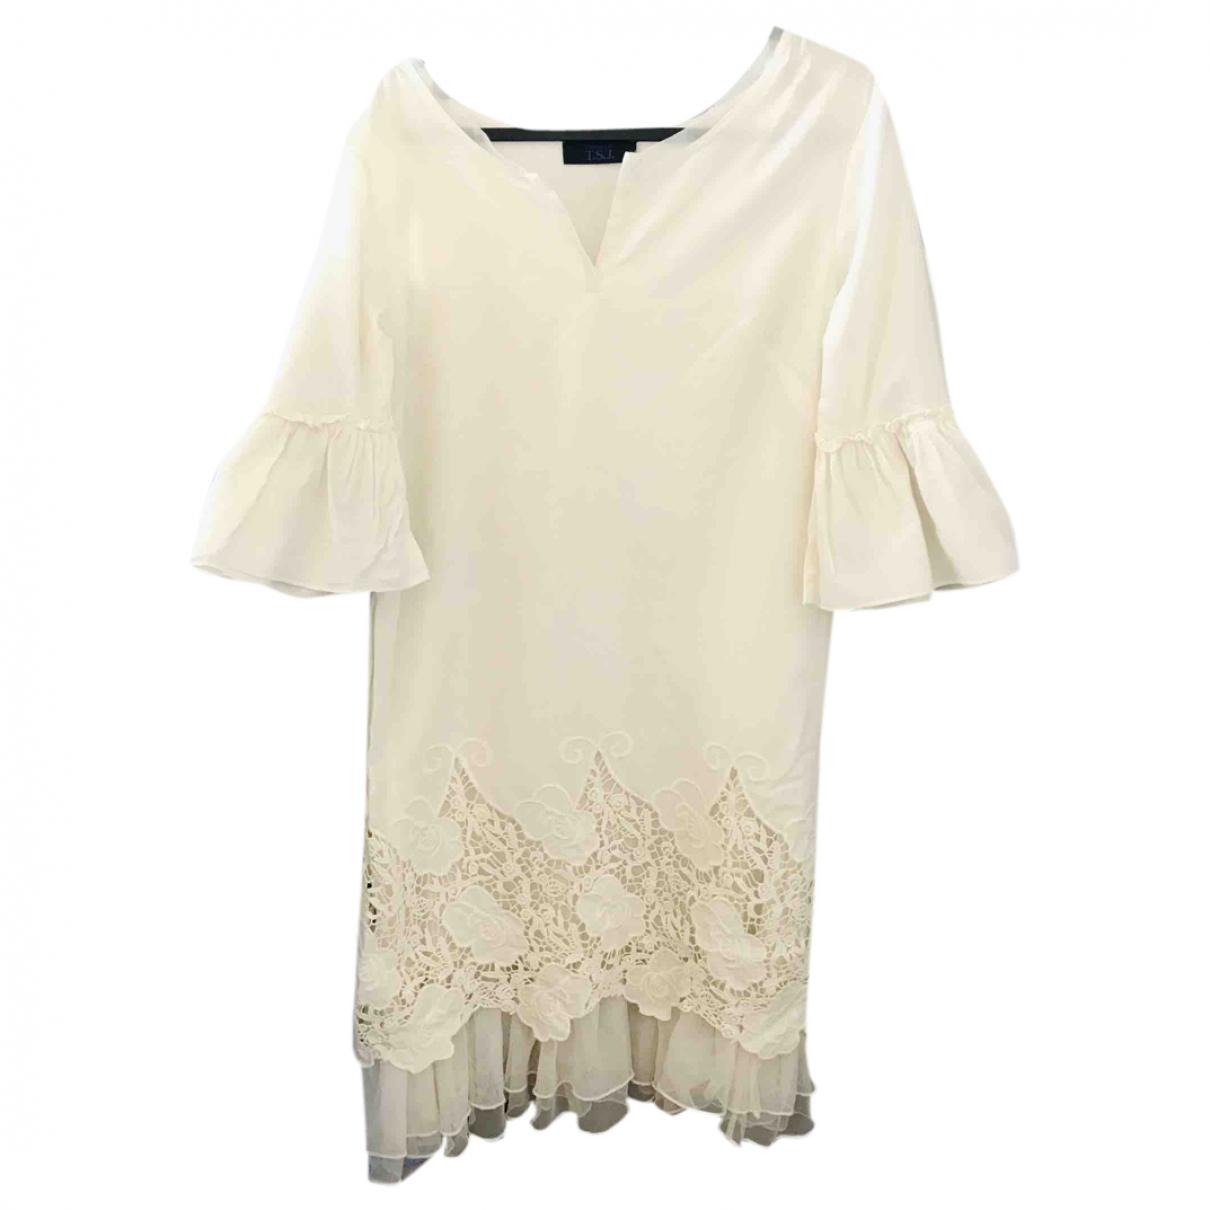 Twin Set N White Cotton dress for Women XS International